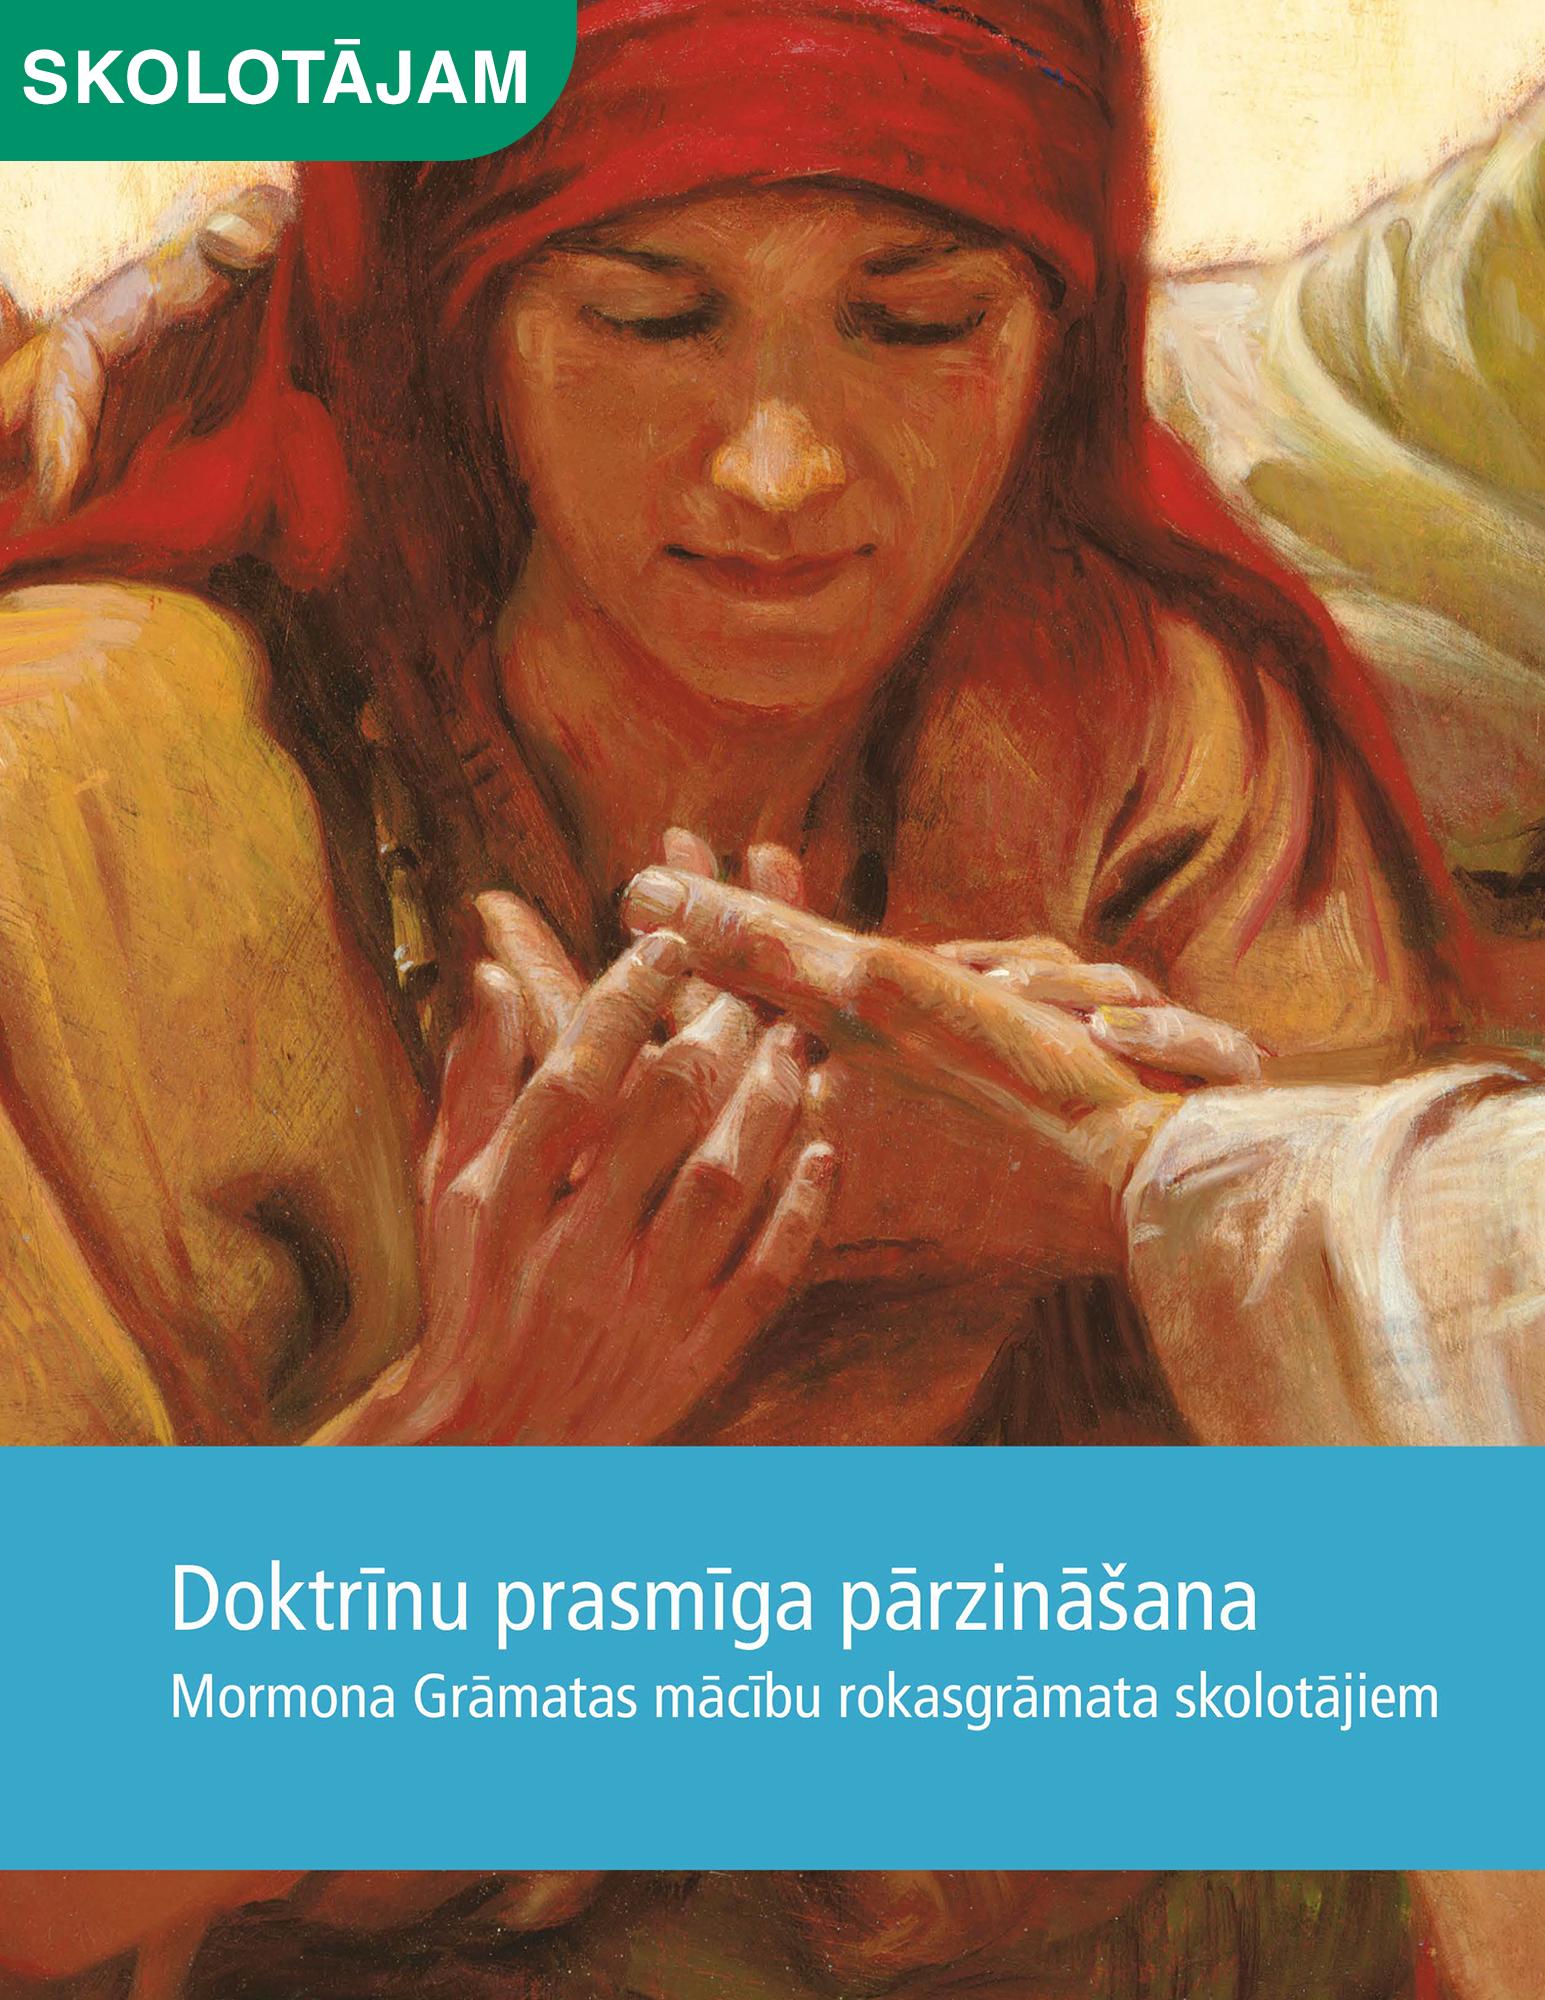 Doktrīnu prasmīga pārzināšana: Mormona Grāmatas mācību rokasgrāmata skolotājiem